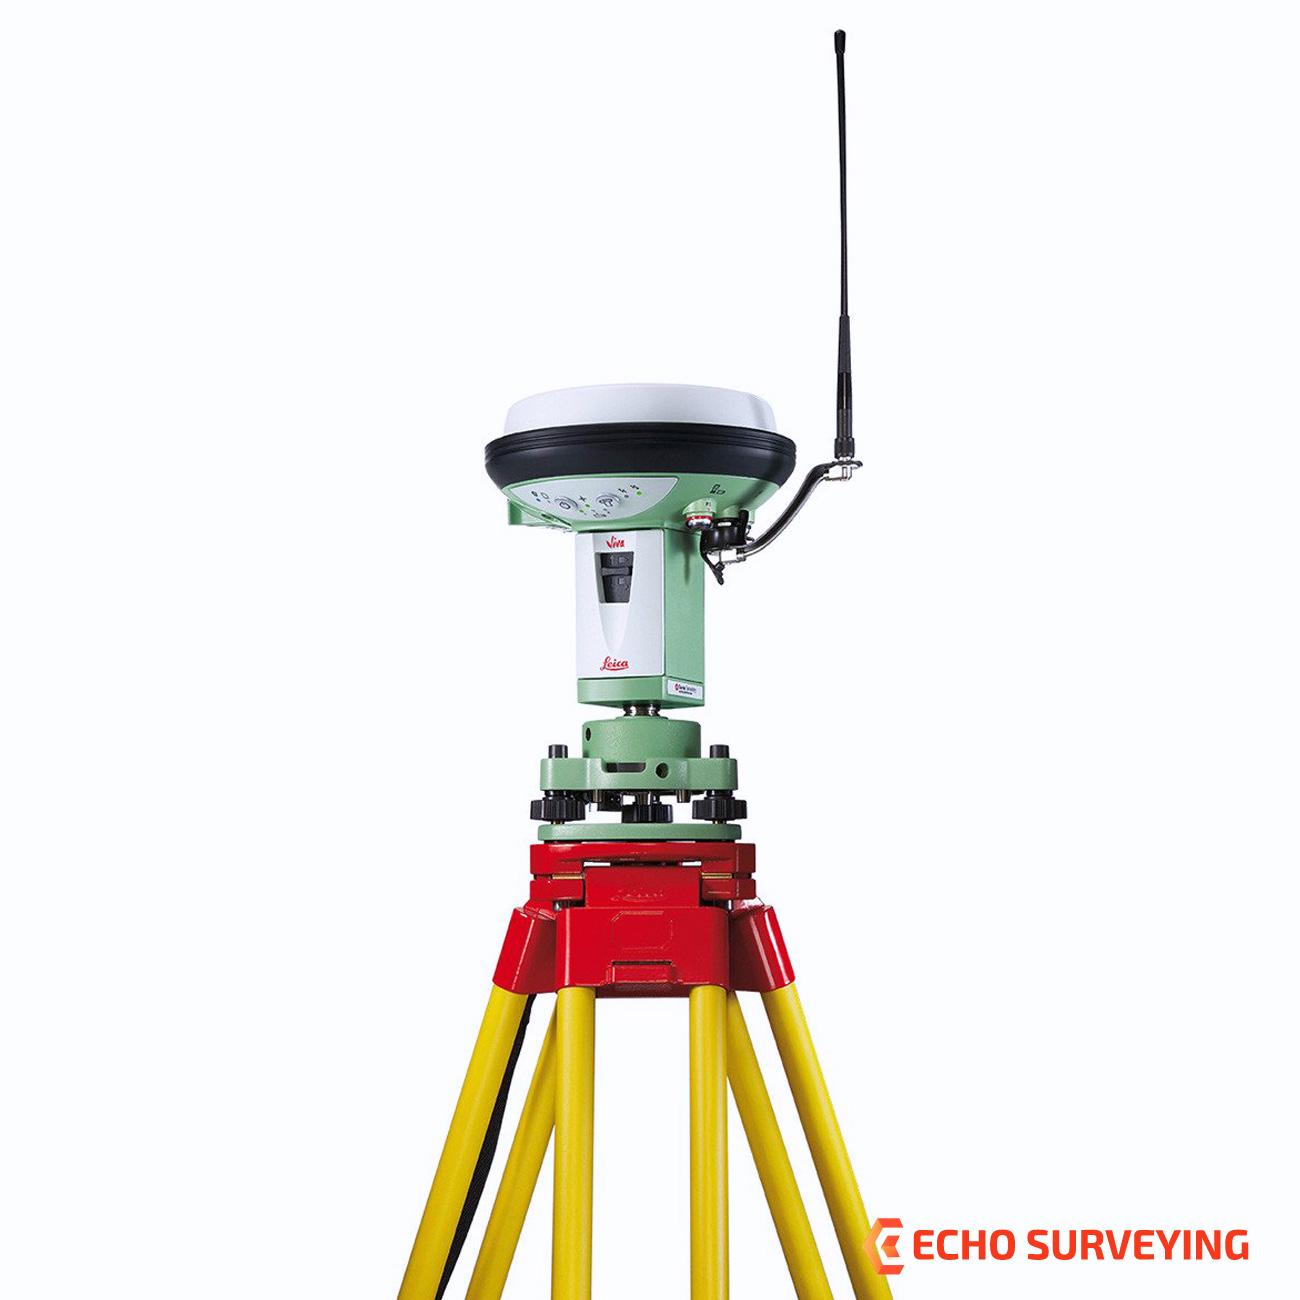 Leica-Viva-GS15-GNSS-RTK-Rover-Sale.jpg